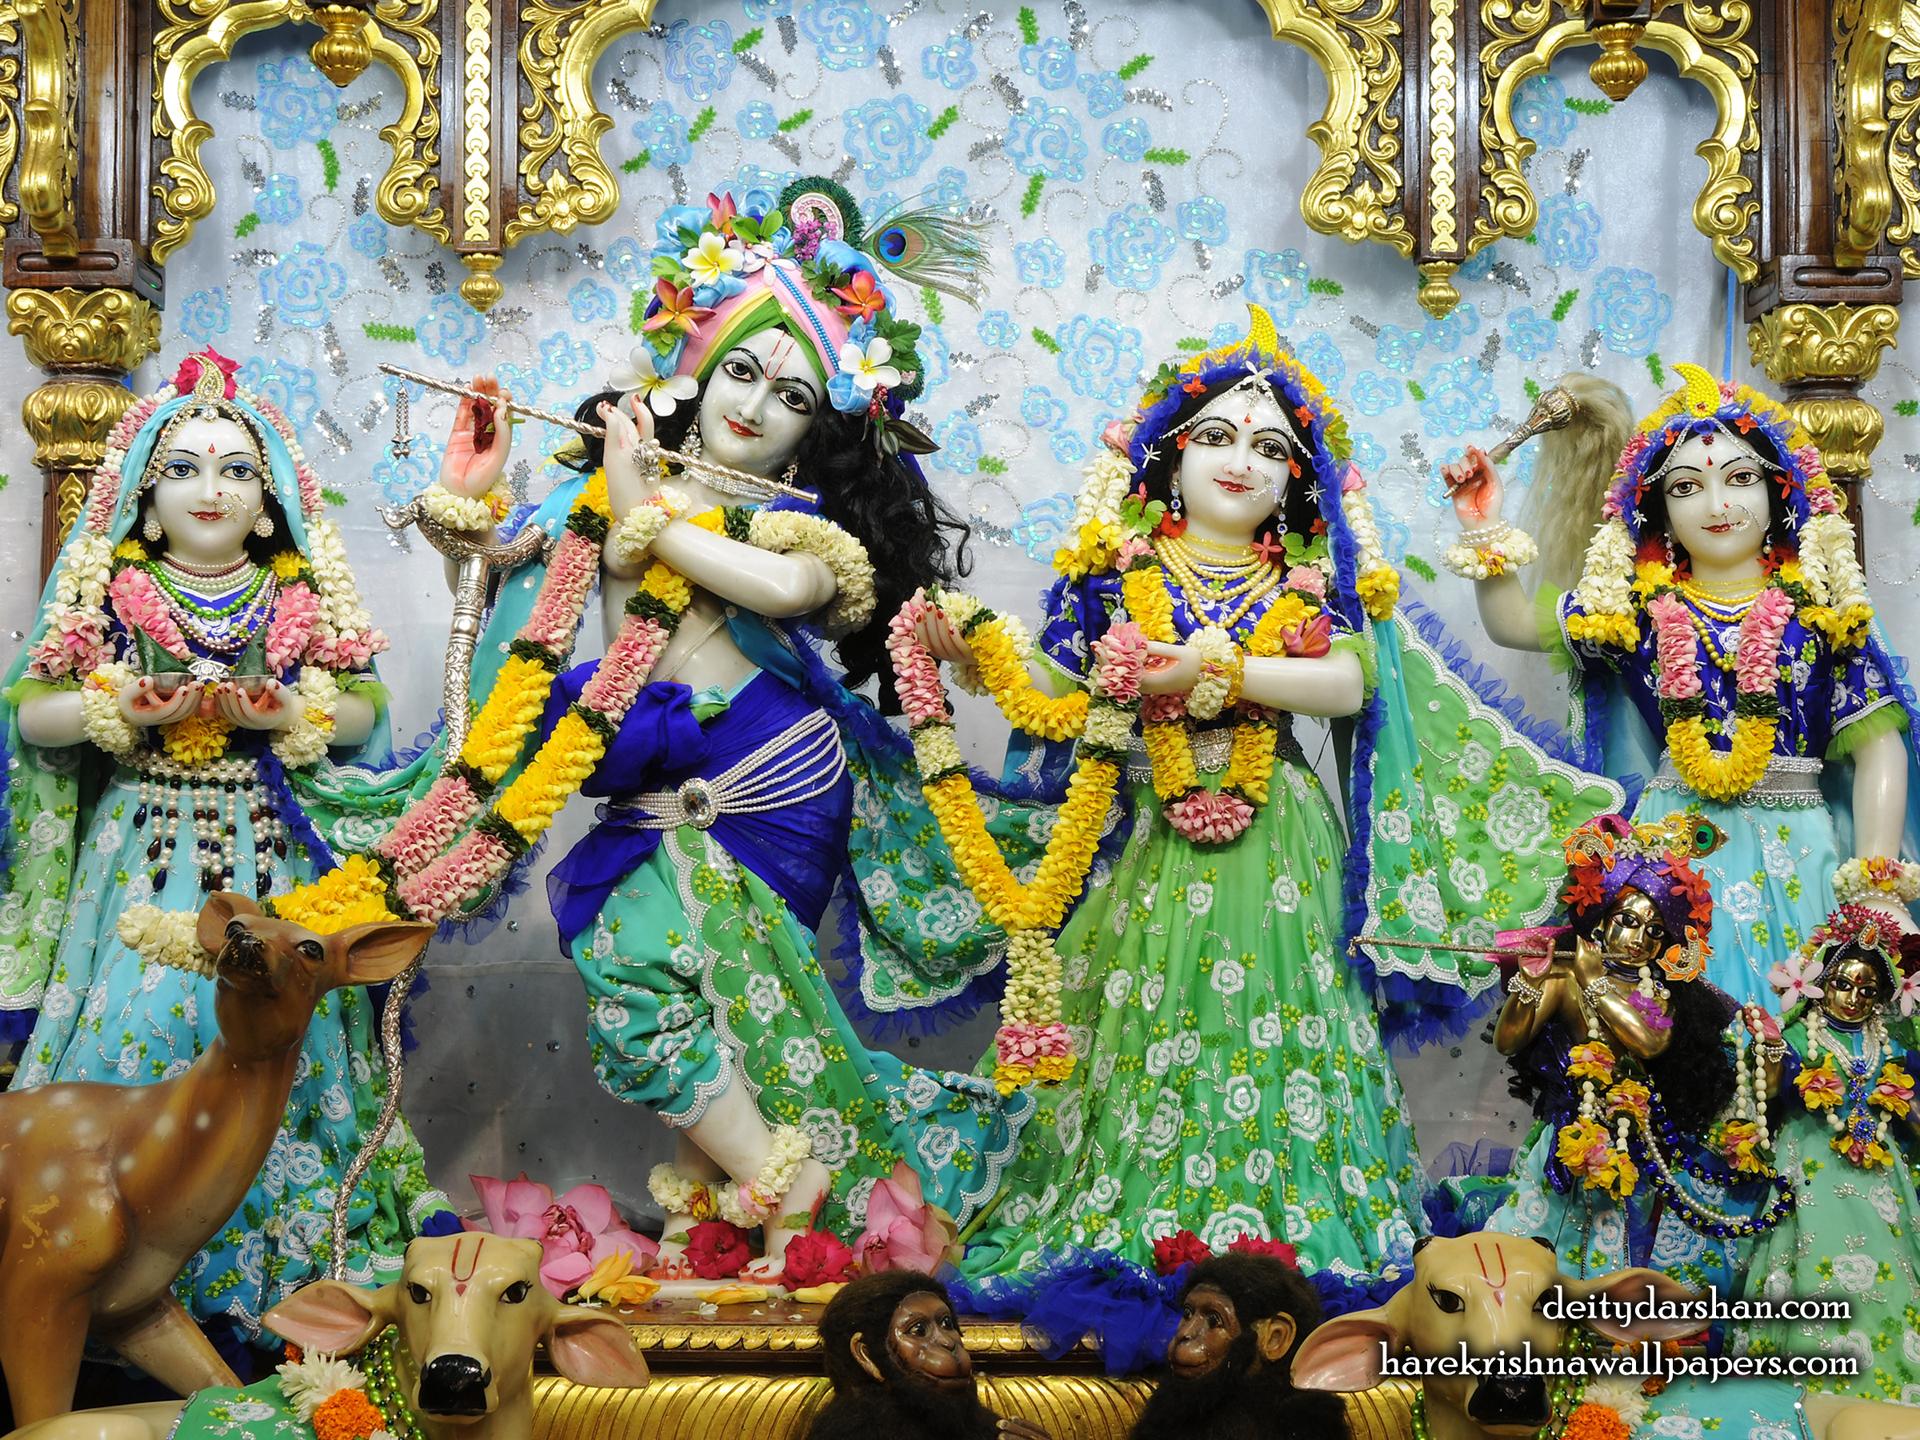 Sri Sri Radha Gopinath Lalita Vishakha Wallpaper (069) Size 1920x1440 Download